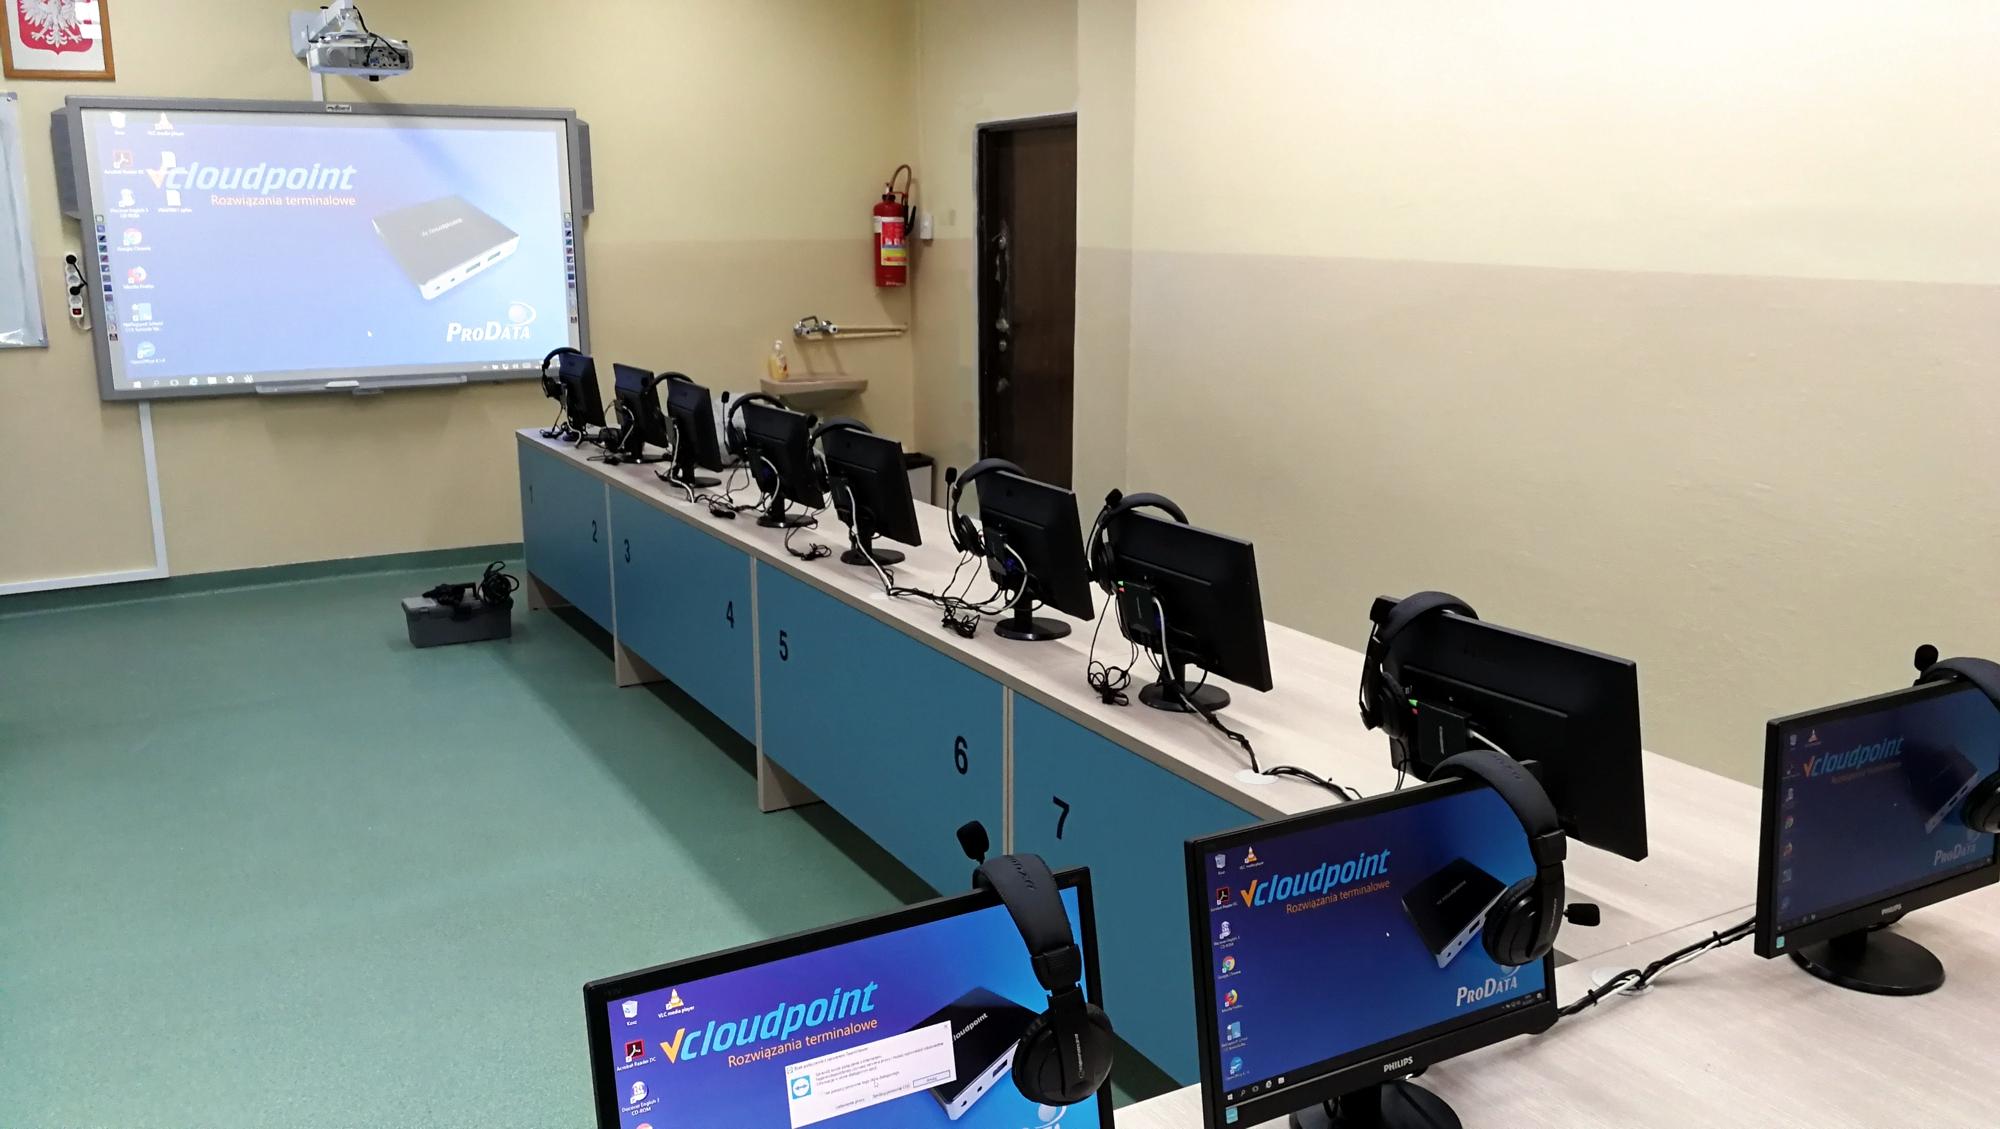 Szkolna pracownia komputerowa - terminale V1 vCloudPoint